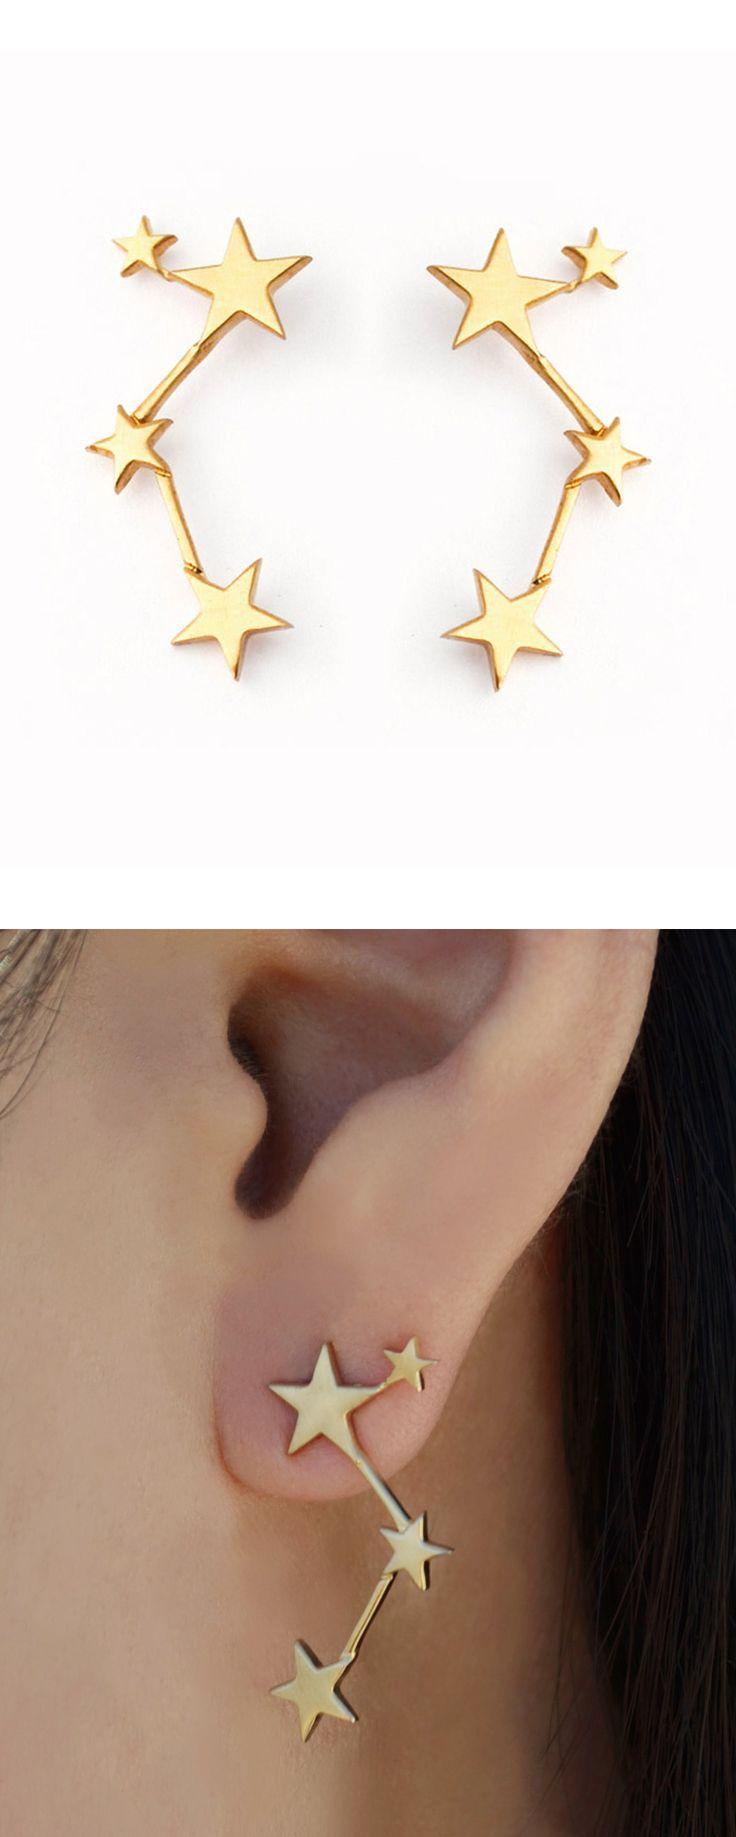 Star constellation earrings                                                                                                                                                                                 Más